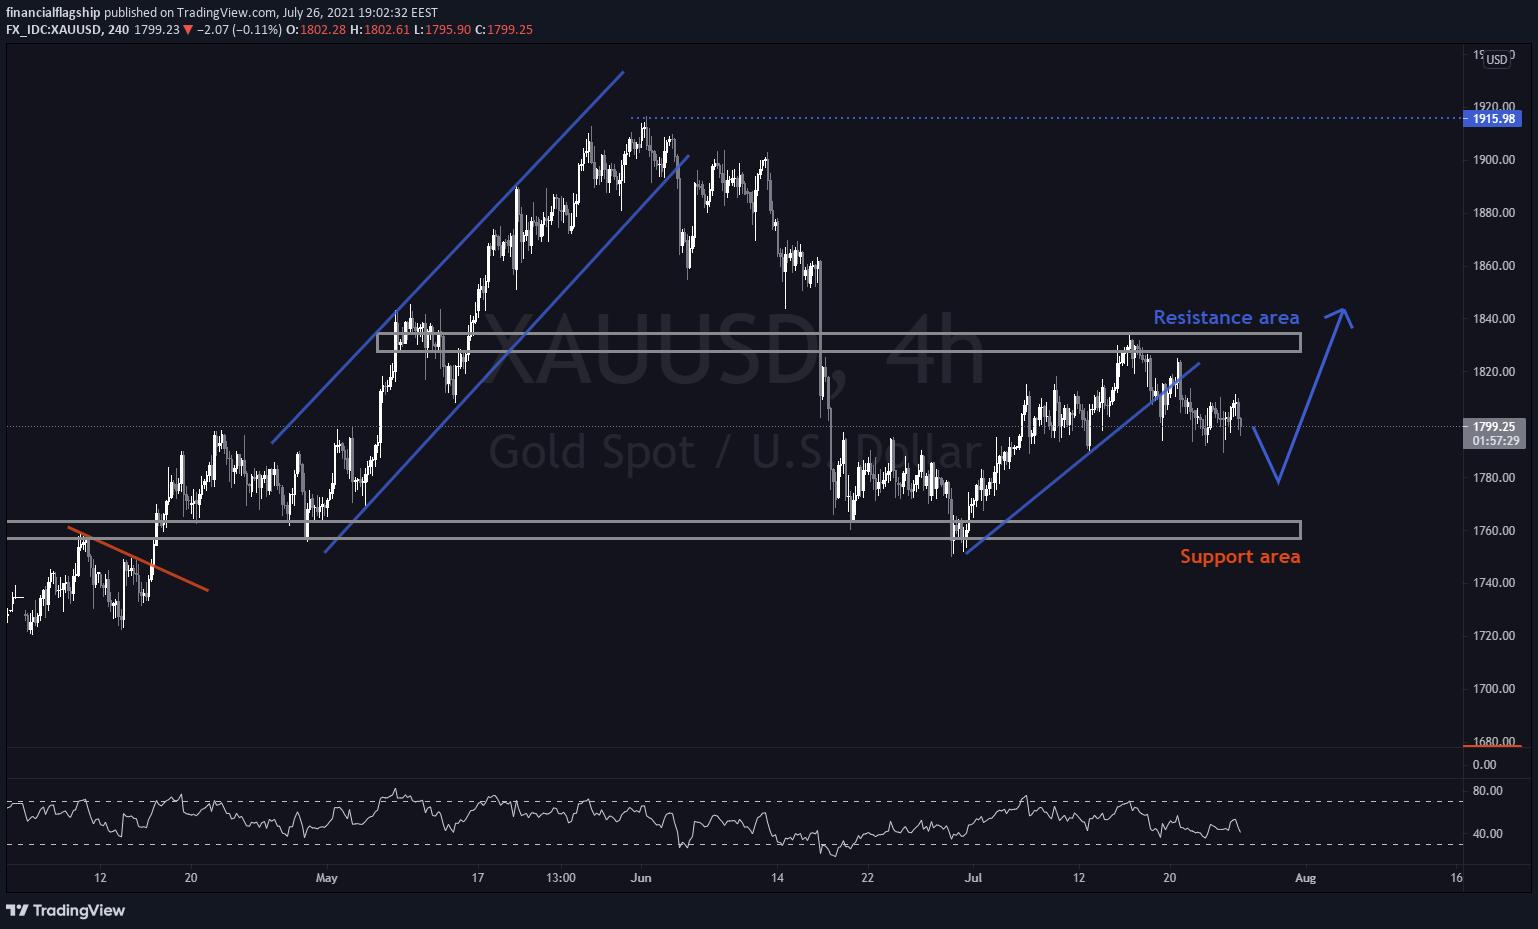 GOLD (XAU/USD) - Week 30